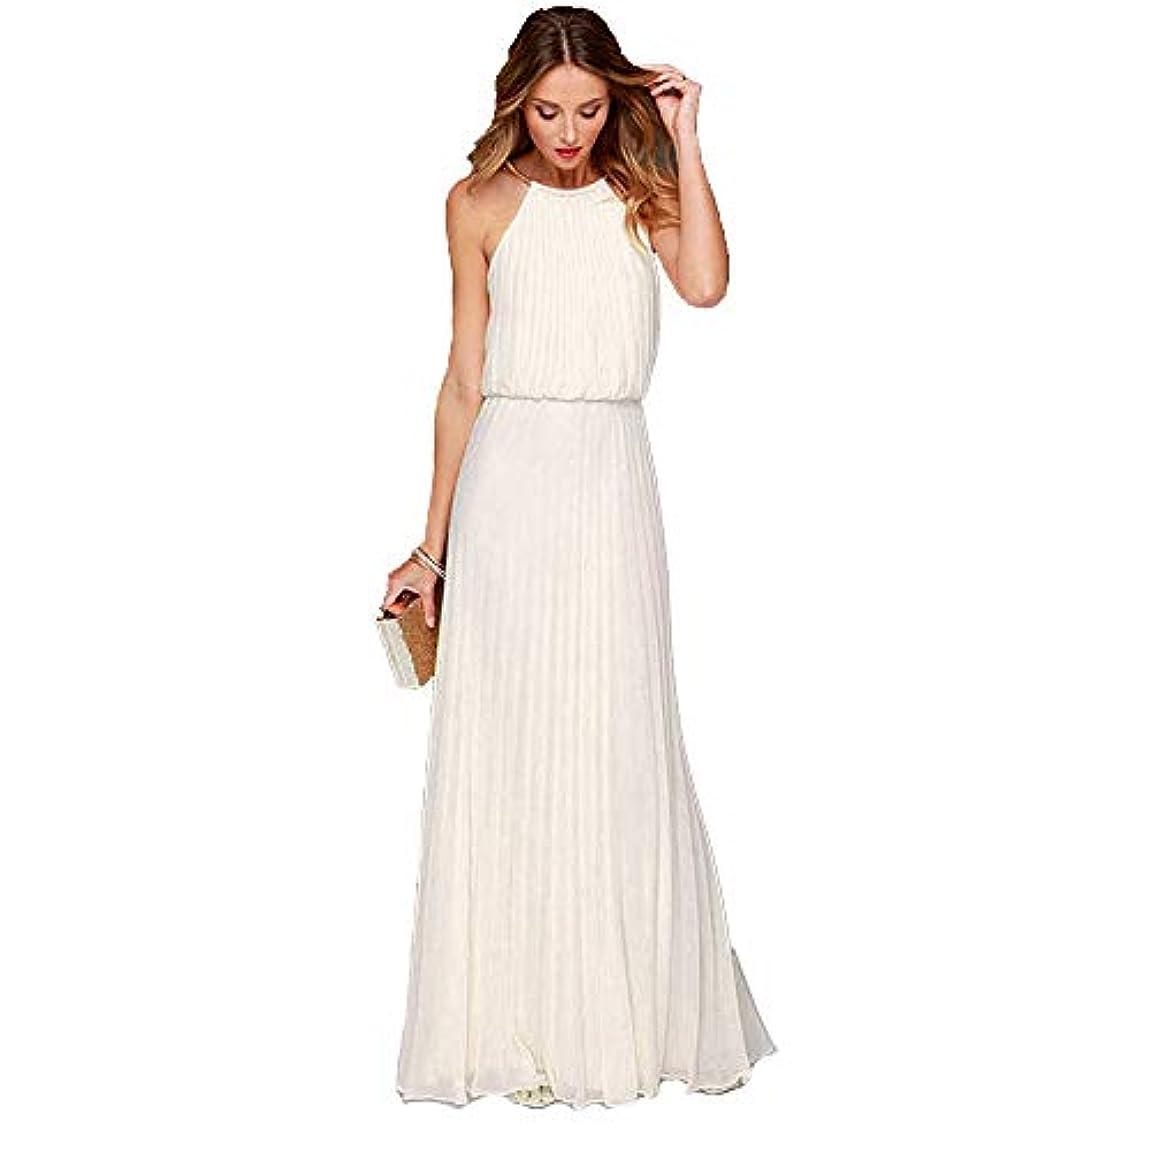 広々とした交流するキルトMIFANロングドレス、セクシーなドレス、エレガント、女性のファッション、ノースリーブのドレス、ファッションドレス、ニット、スリム